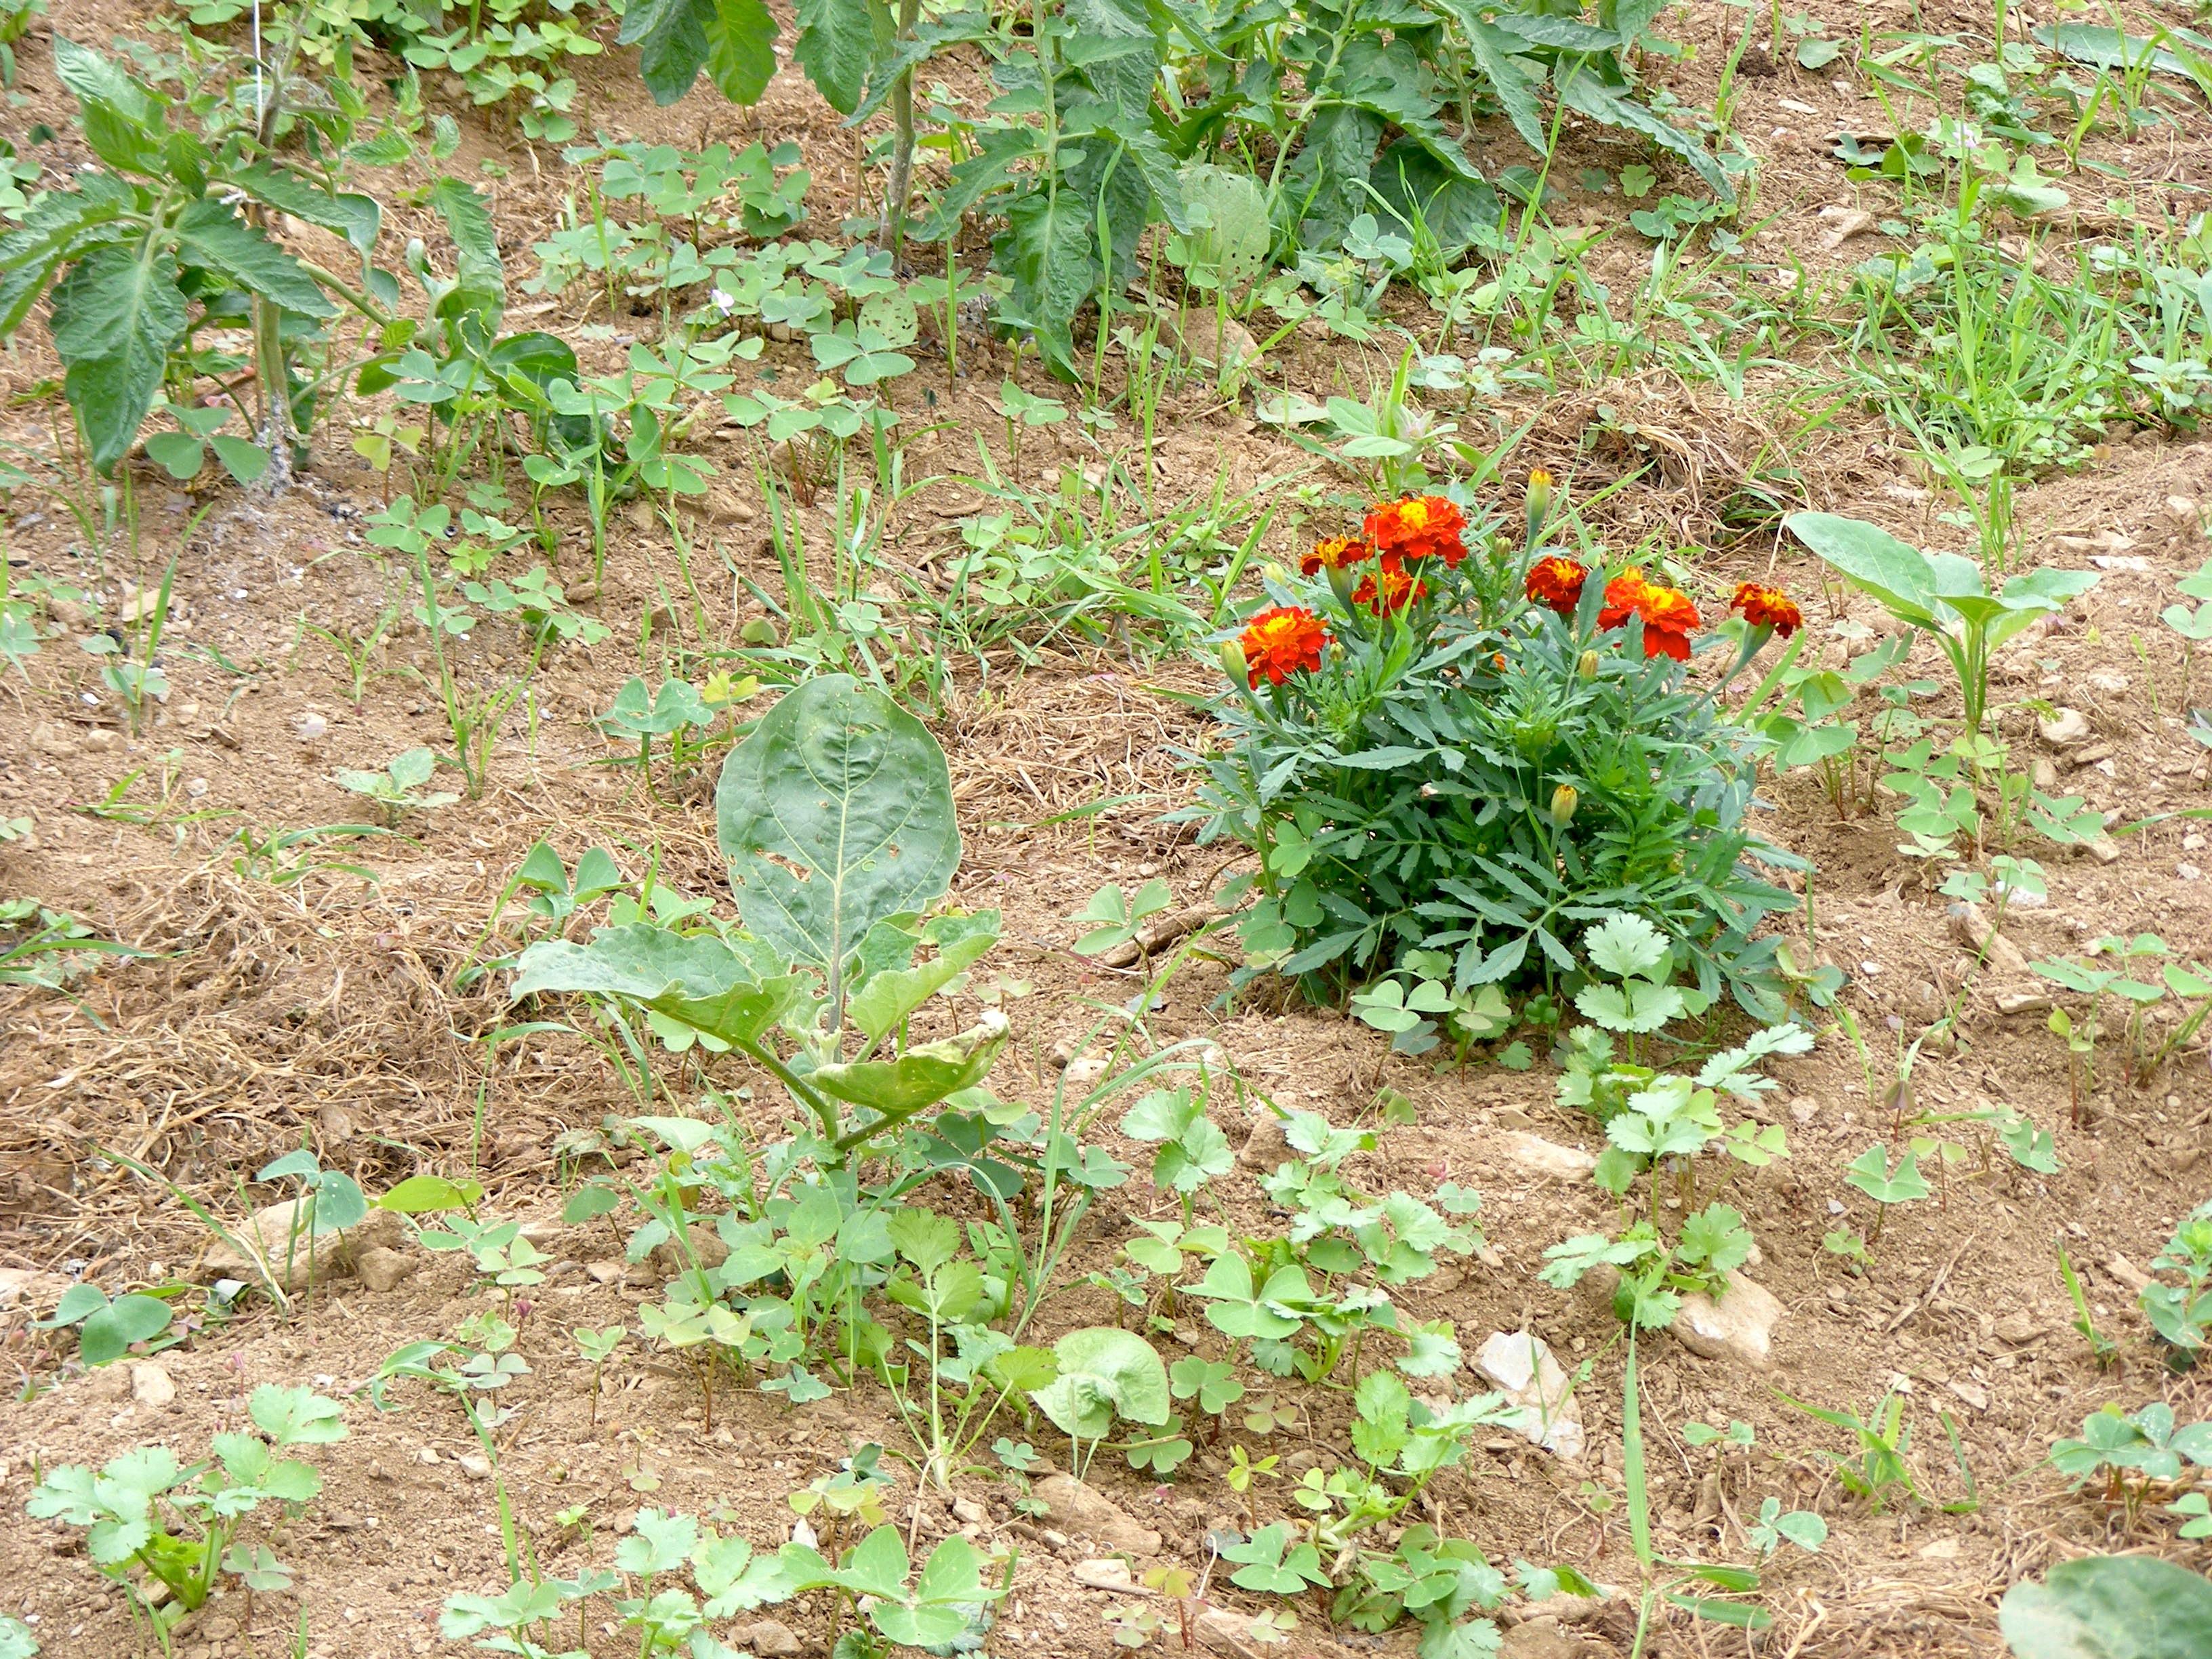 Asociaci n de cultivos en el huerto el blog de amparo for Asociacion de hortalizas